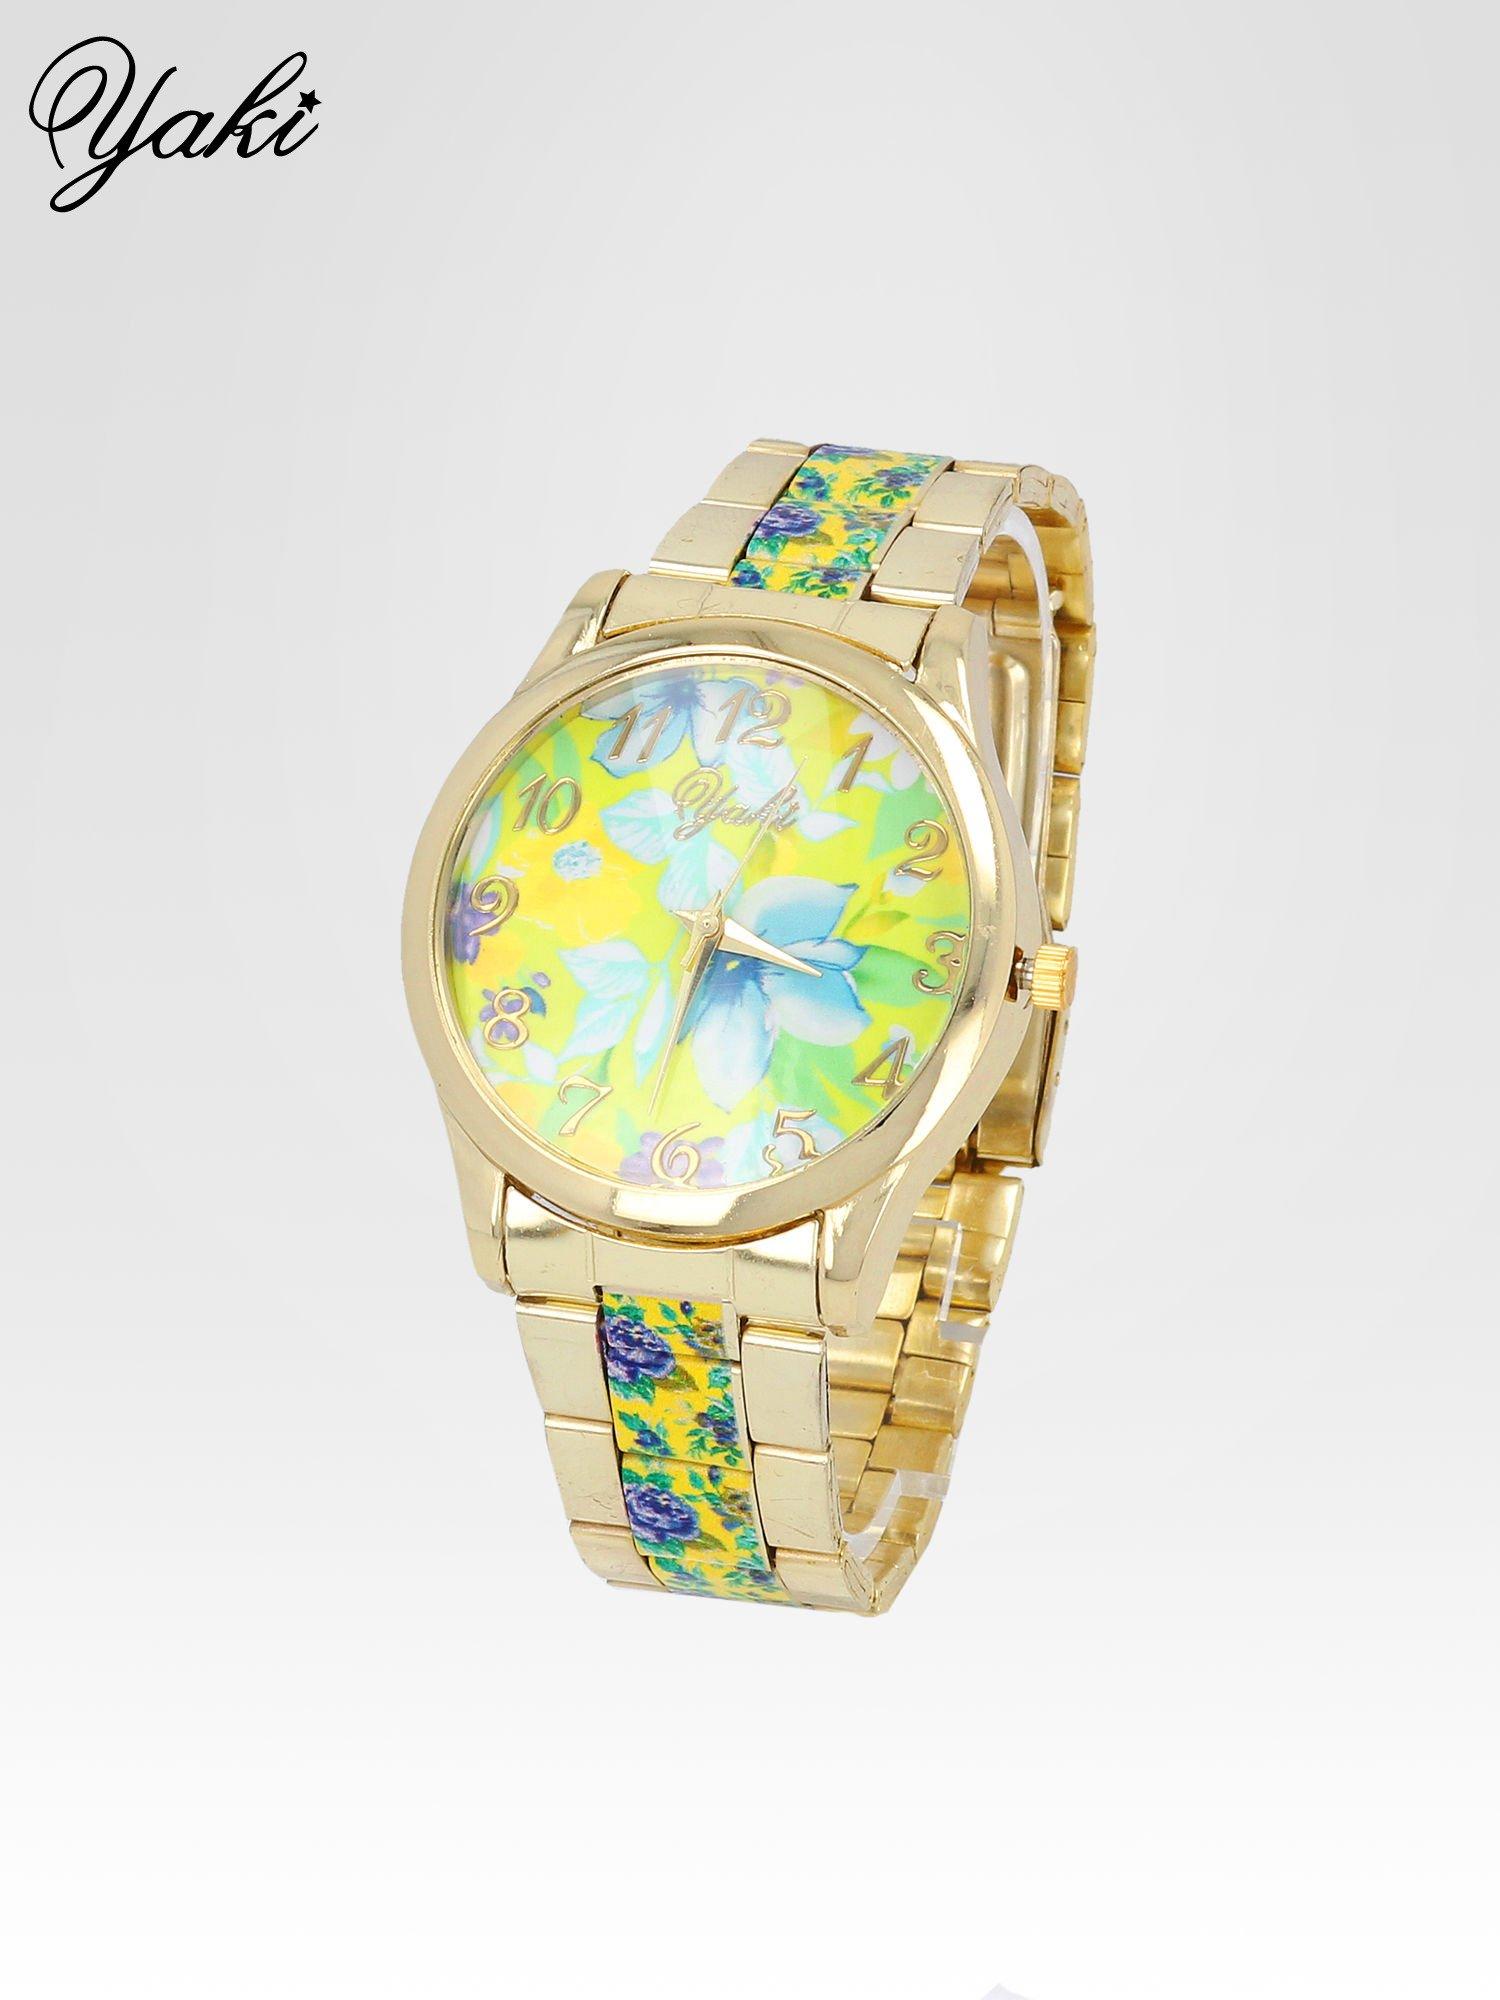 Złoty zegarek damski na bransolecie z żółtym motywem kwiatowym                                  zdj.                                  2